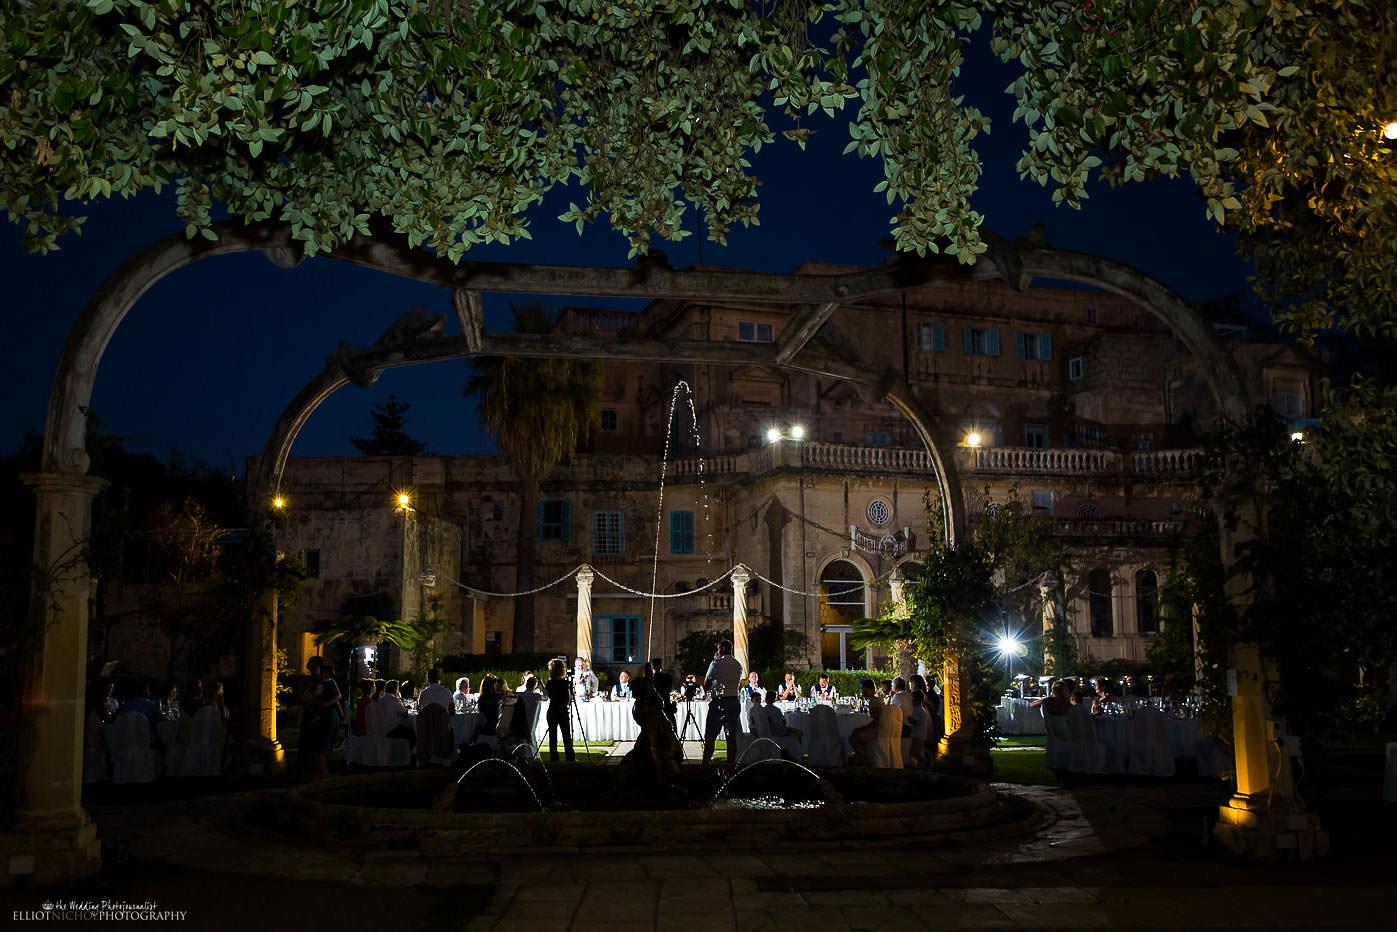 Villa Bologna garden wedding reception, Malta.